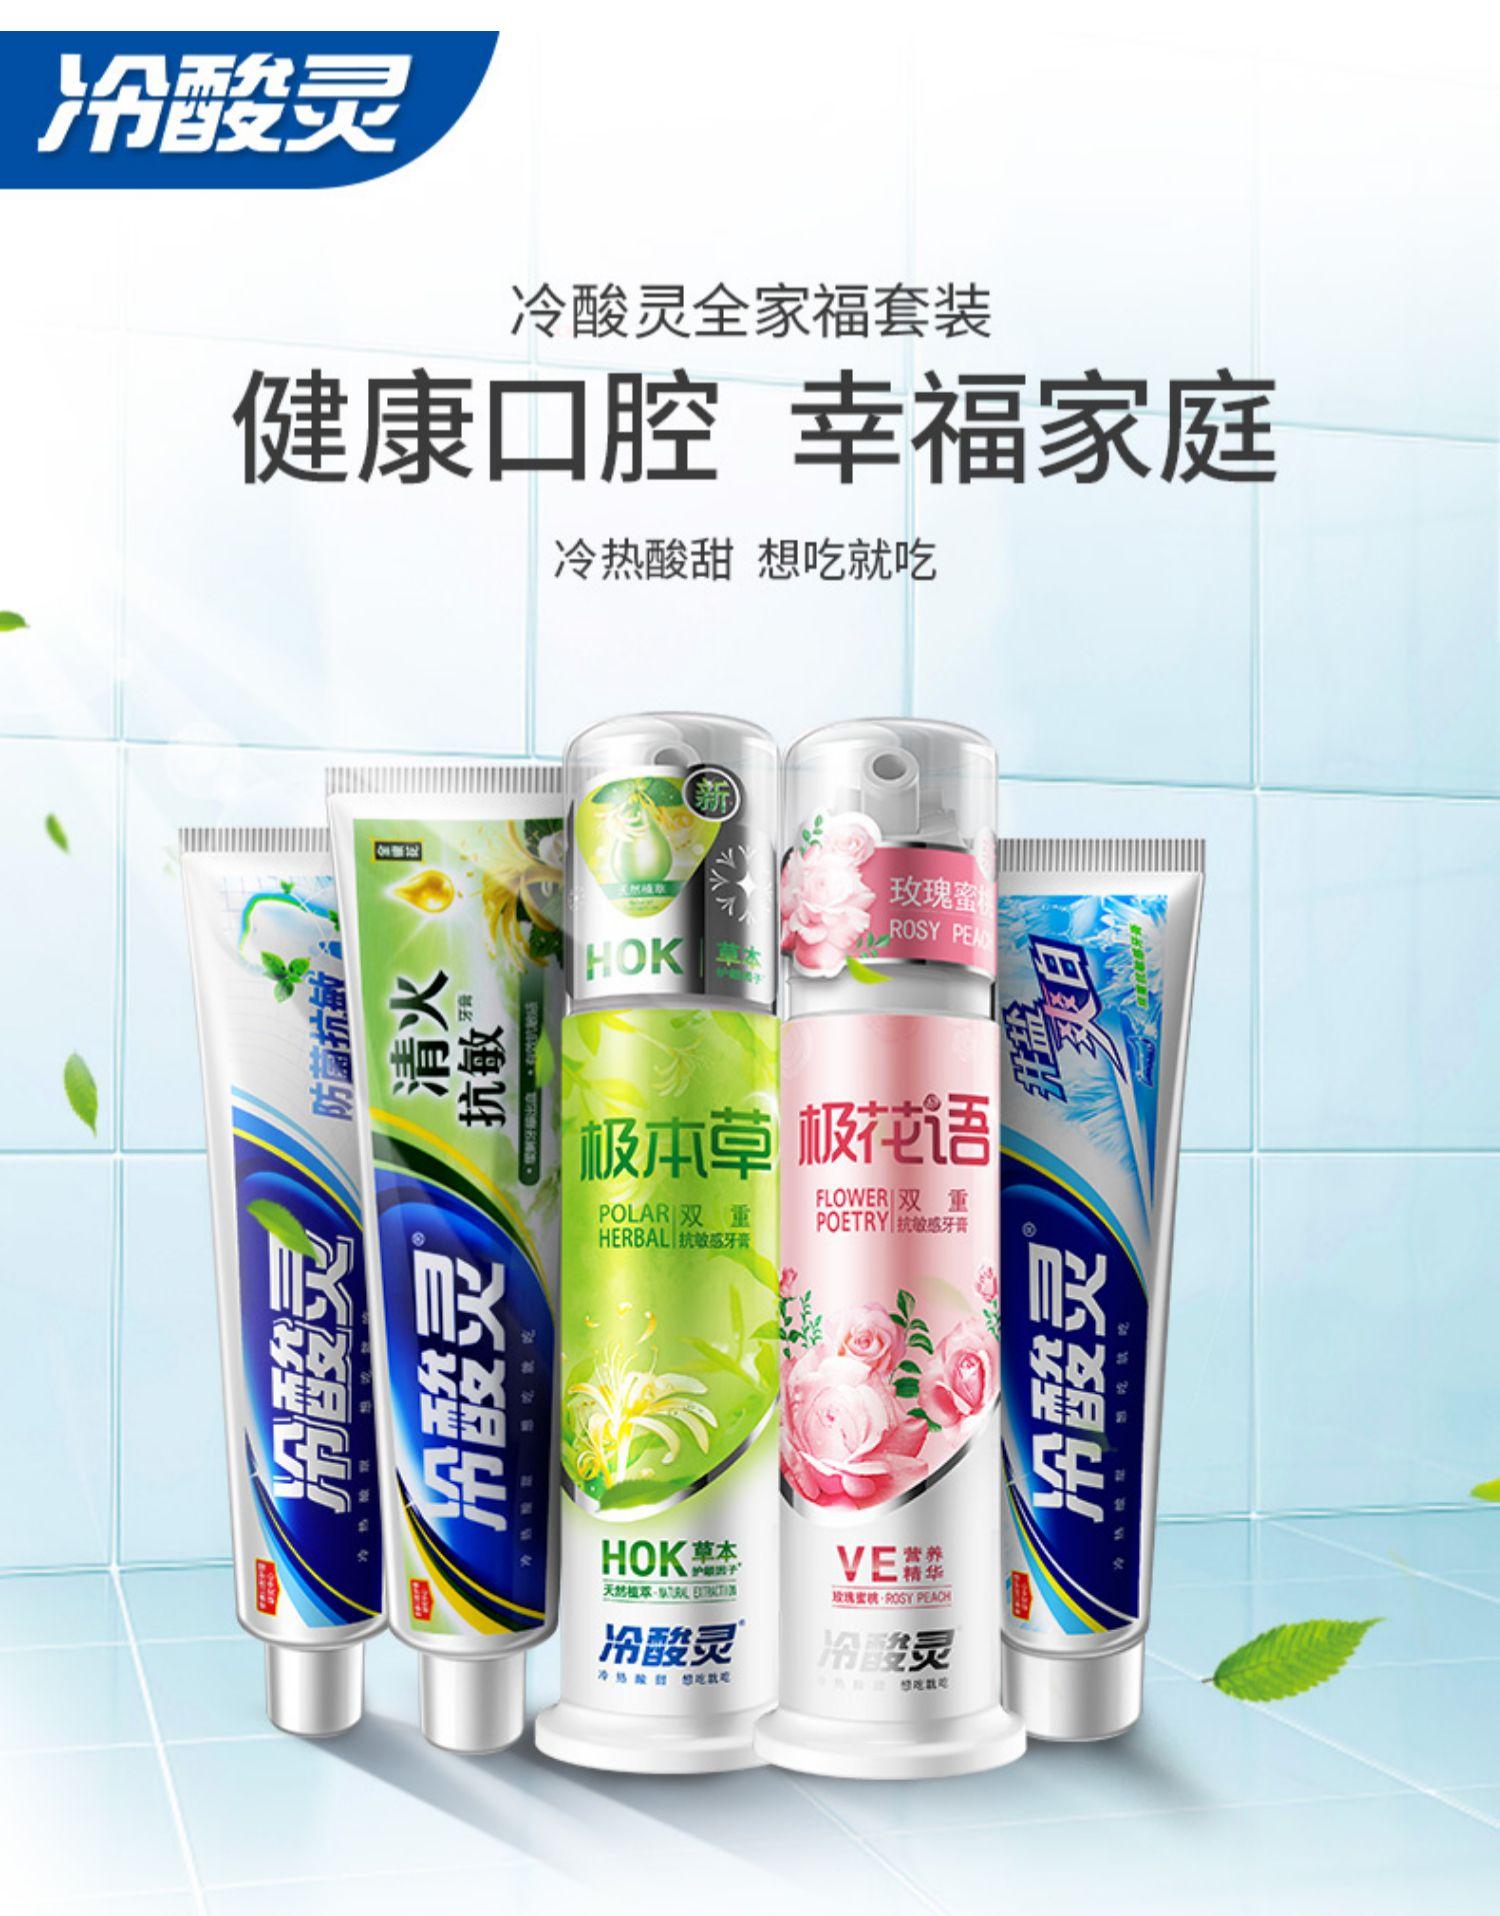 冷酸灵全家福抗敏感牙膏套装 泵式按压式牙膏全家共享5支牙膏组合